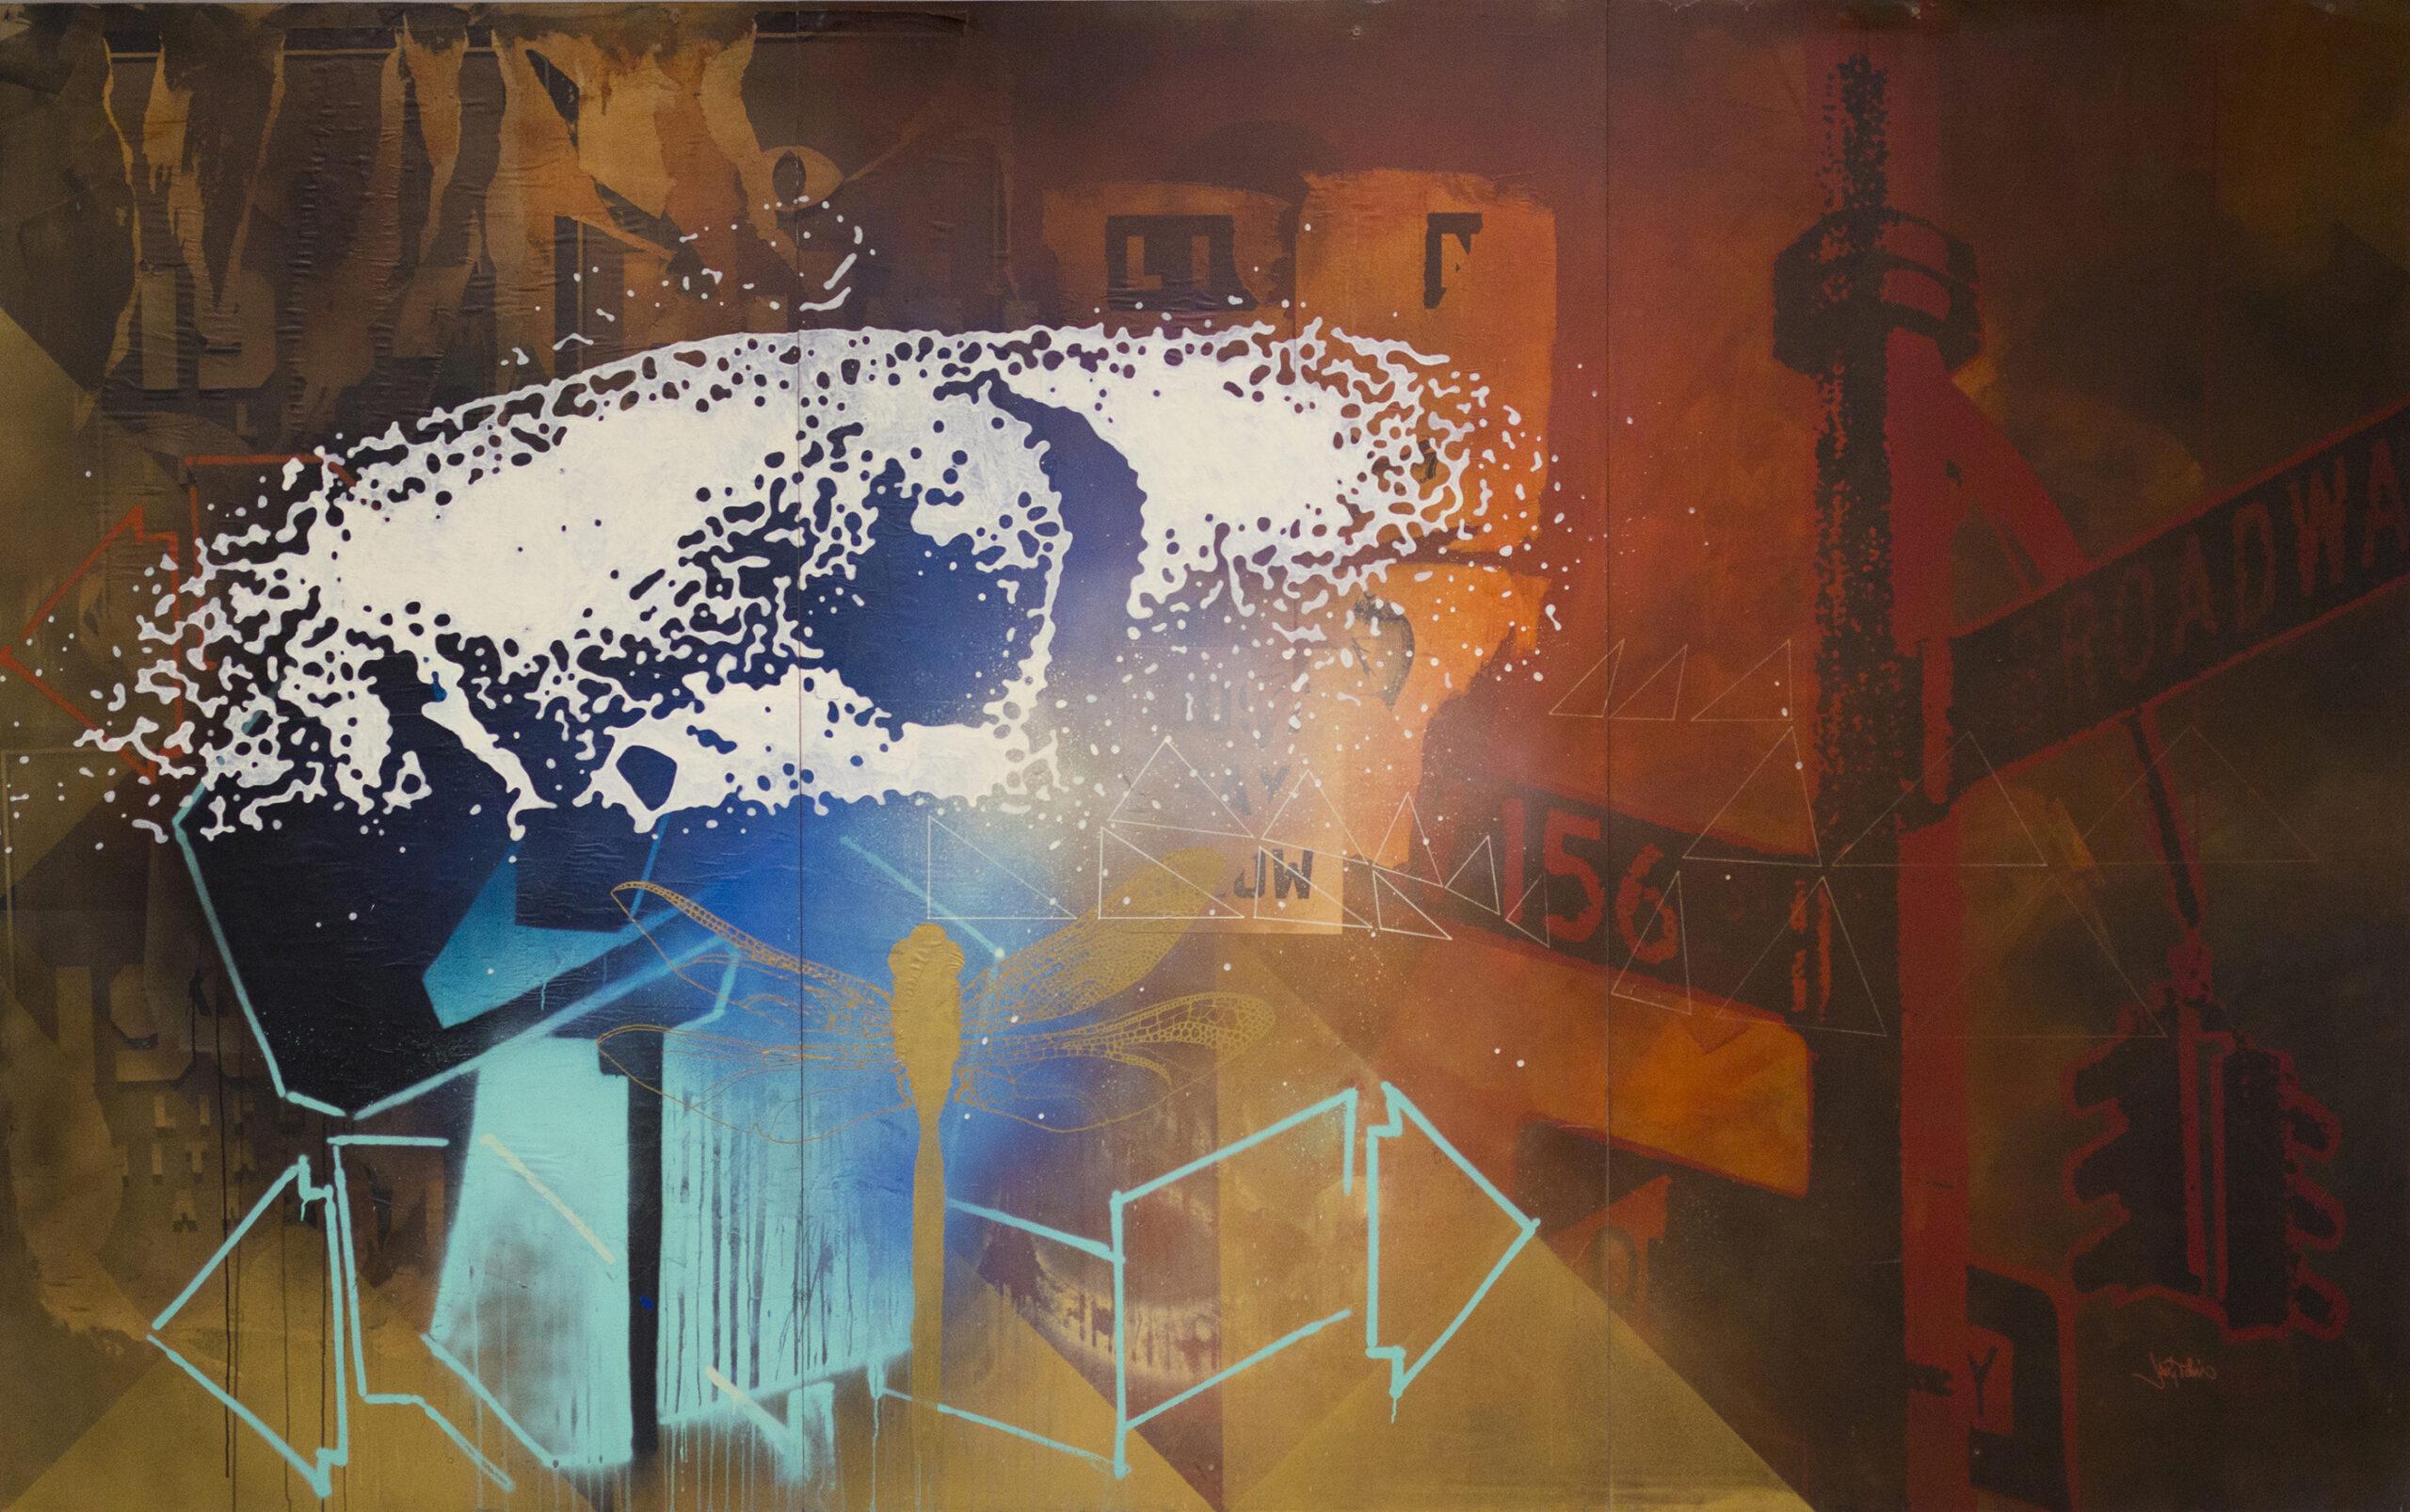 Jani Tolin: Controlled Enviroment. Sekatekniikka 2013. Myös Jani tolin on ottanut aimo harppauksia perinteisestä graffitista. Hänen Keravalla esillä olevat teoksensa putoavat huoletta post-graffiti-määritelmän piiriin.